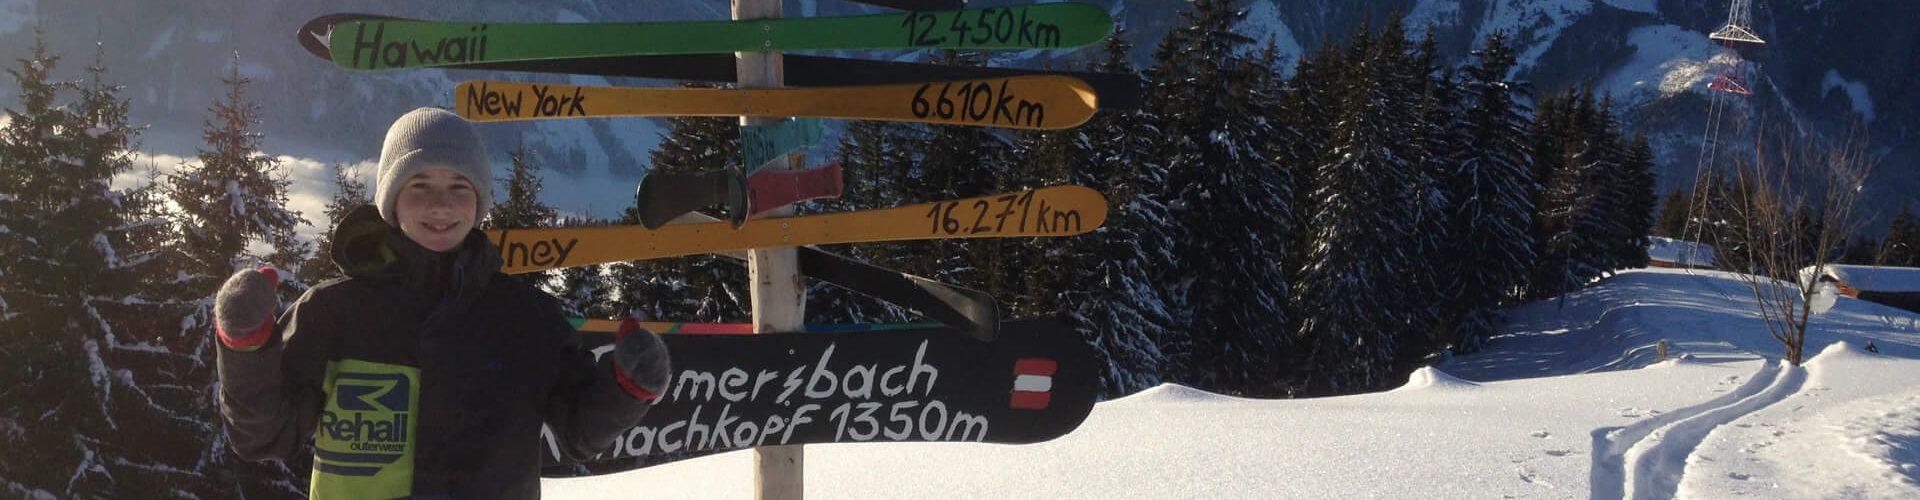 Die erste Skitour - langlauf-regionen